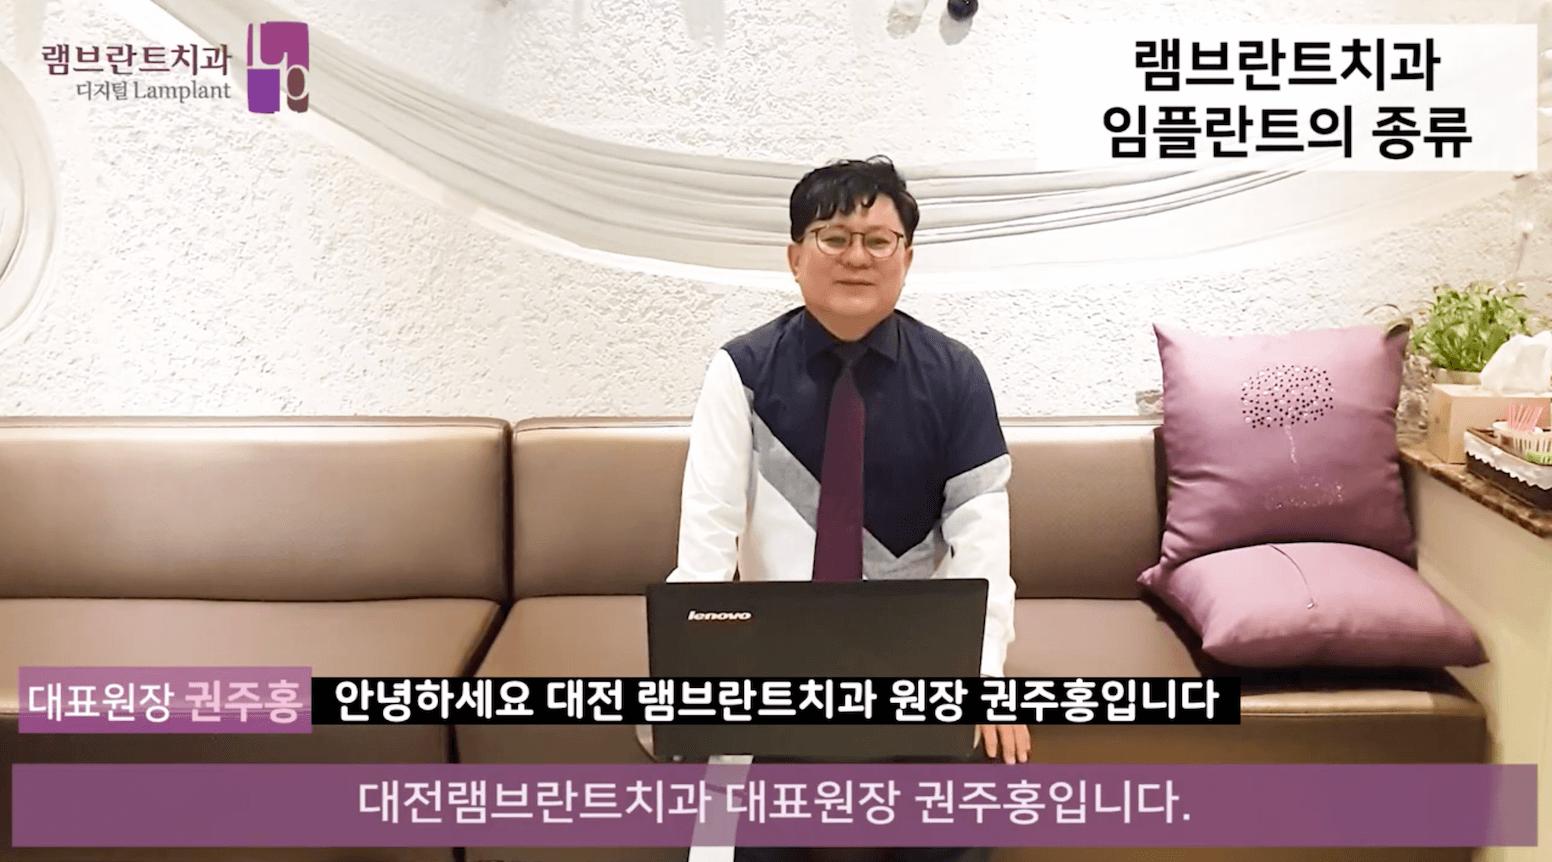 [대전치과,대전치아교정] 임플란트 종류와 선택방법 알아보기 (자막), 권주홍 대표원장